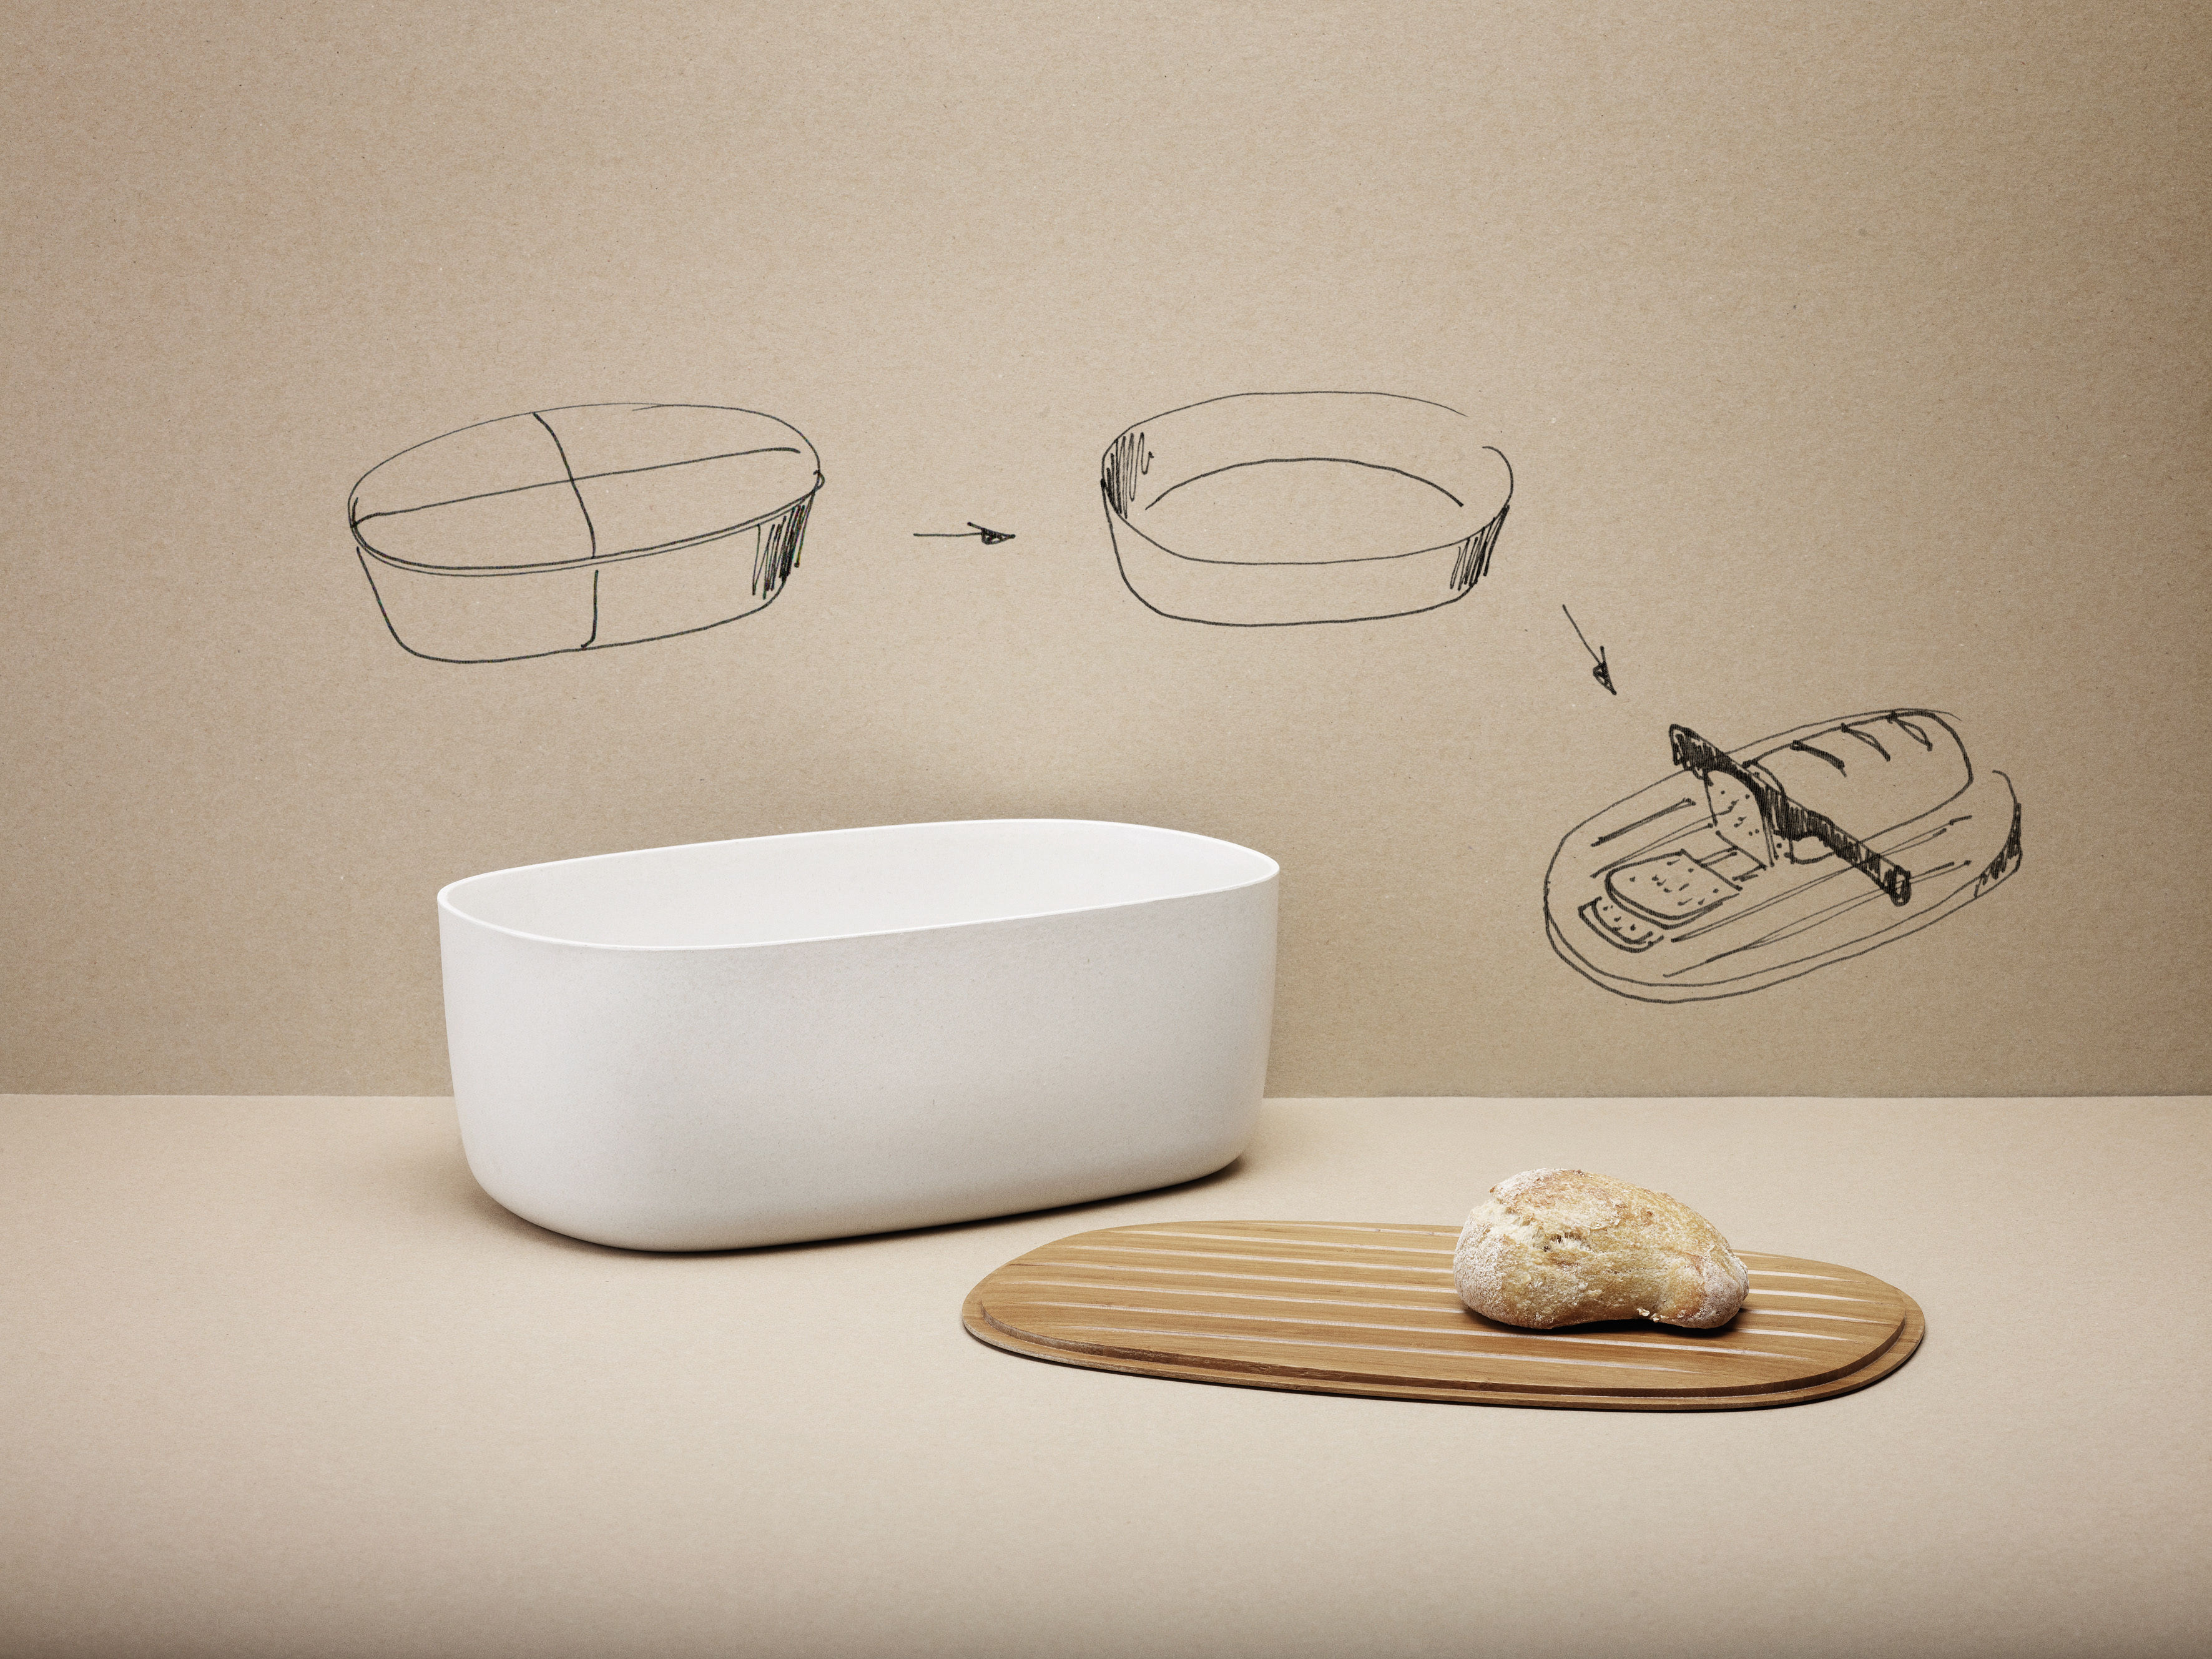 bo te pain couvercle planche d couper blanc bois stelton. Black Bedroom Furniture Sets. Home Design Ideas